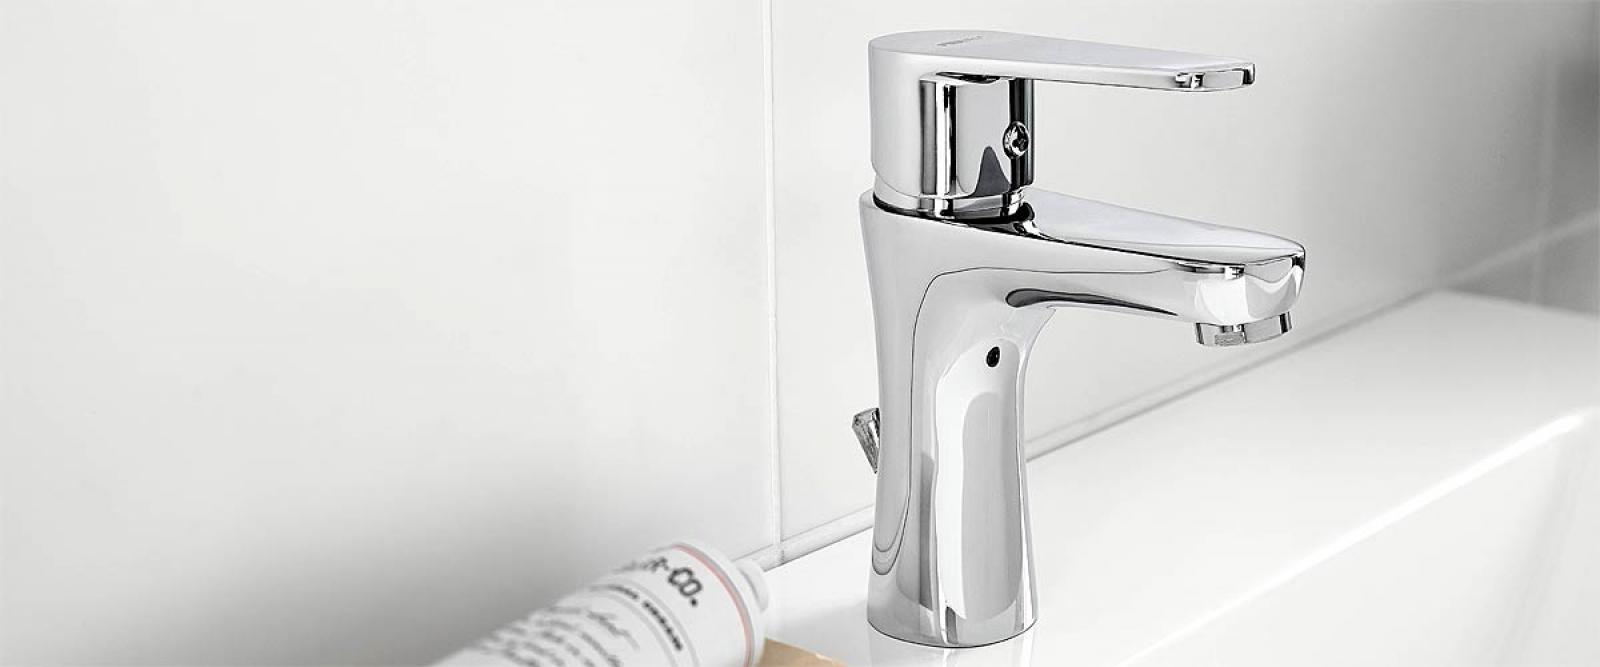 Badmöbel-Set Lux NEW Schwarz Hochglanz/Weiß KERAMIK Waschbecken Badezimmer  Led Beleuchtung Badezimmermöbel Keramikbecken